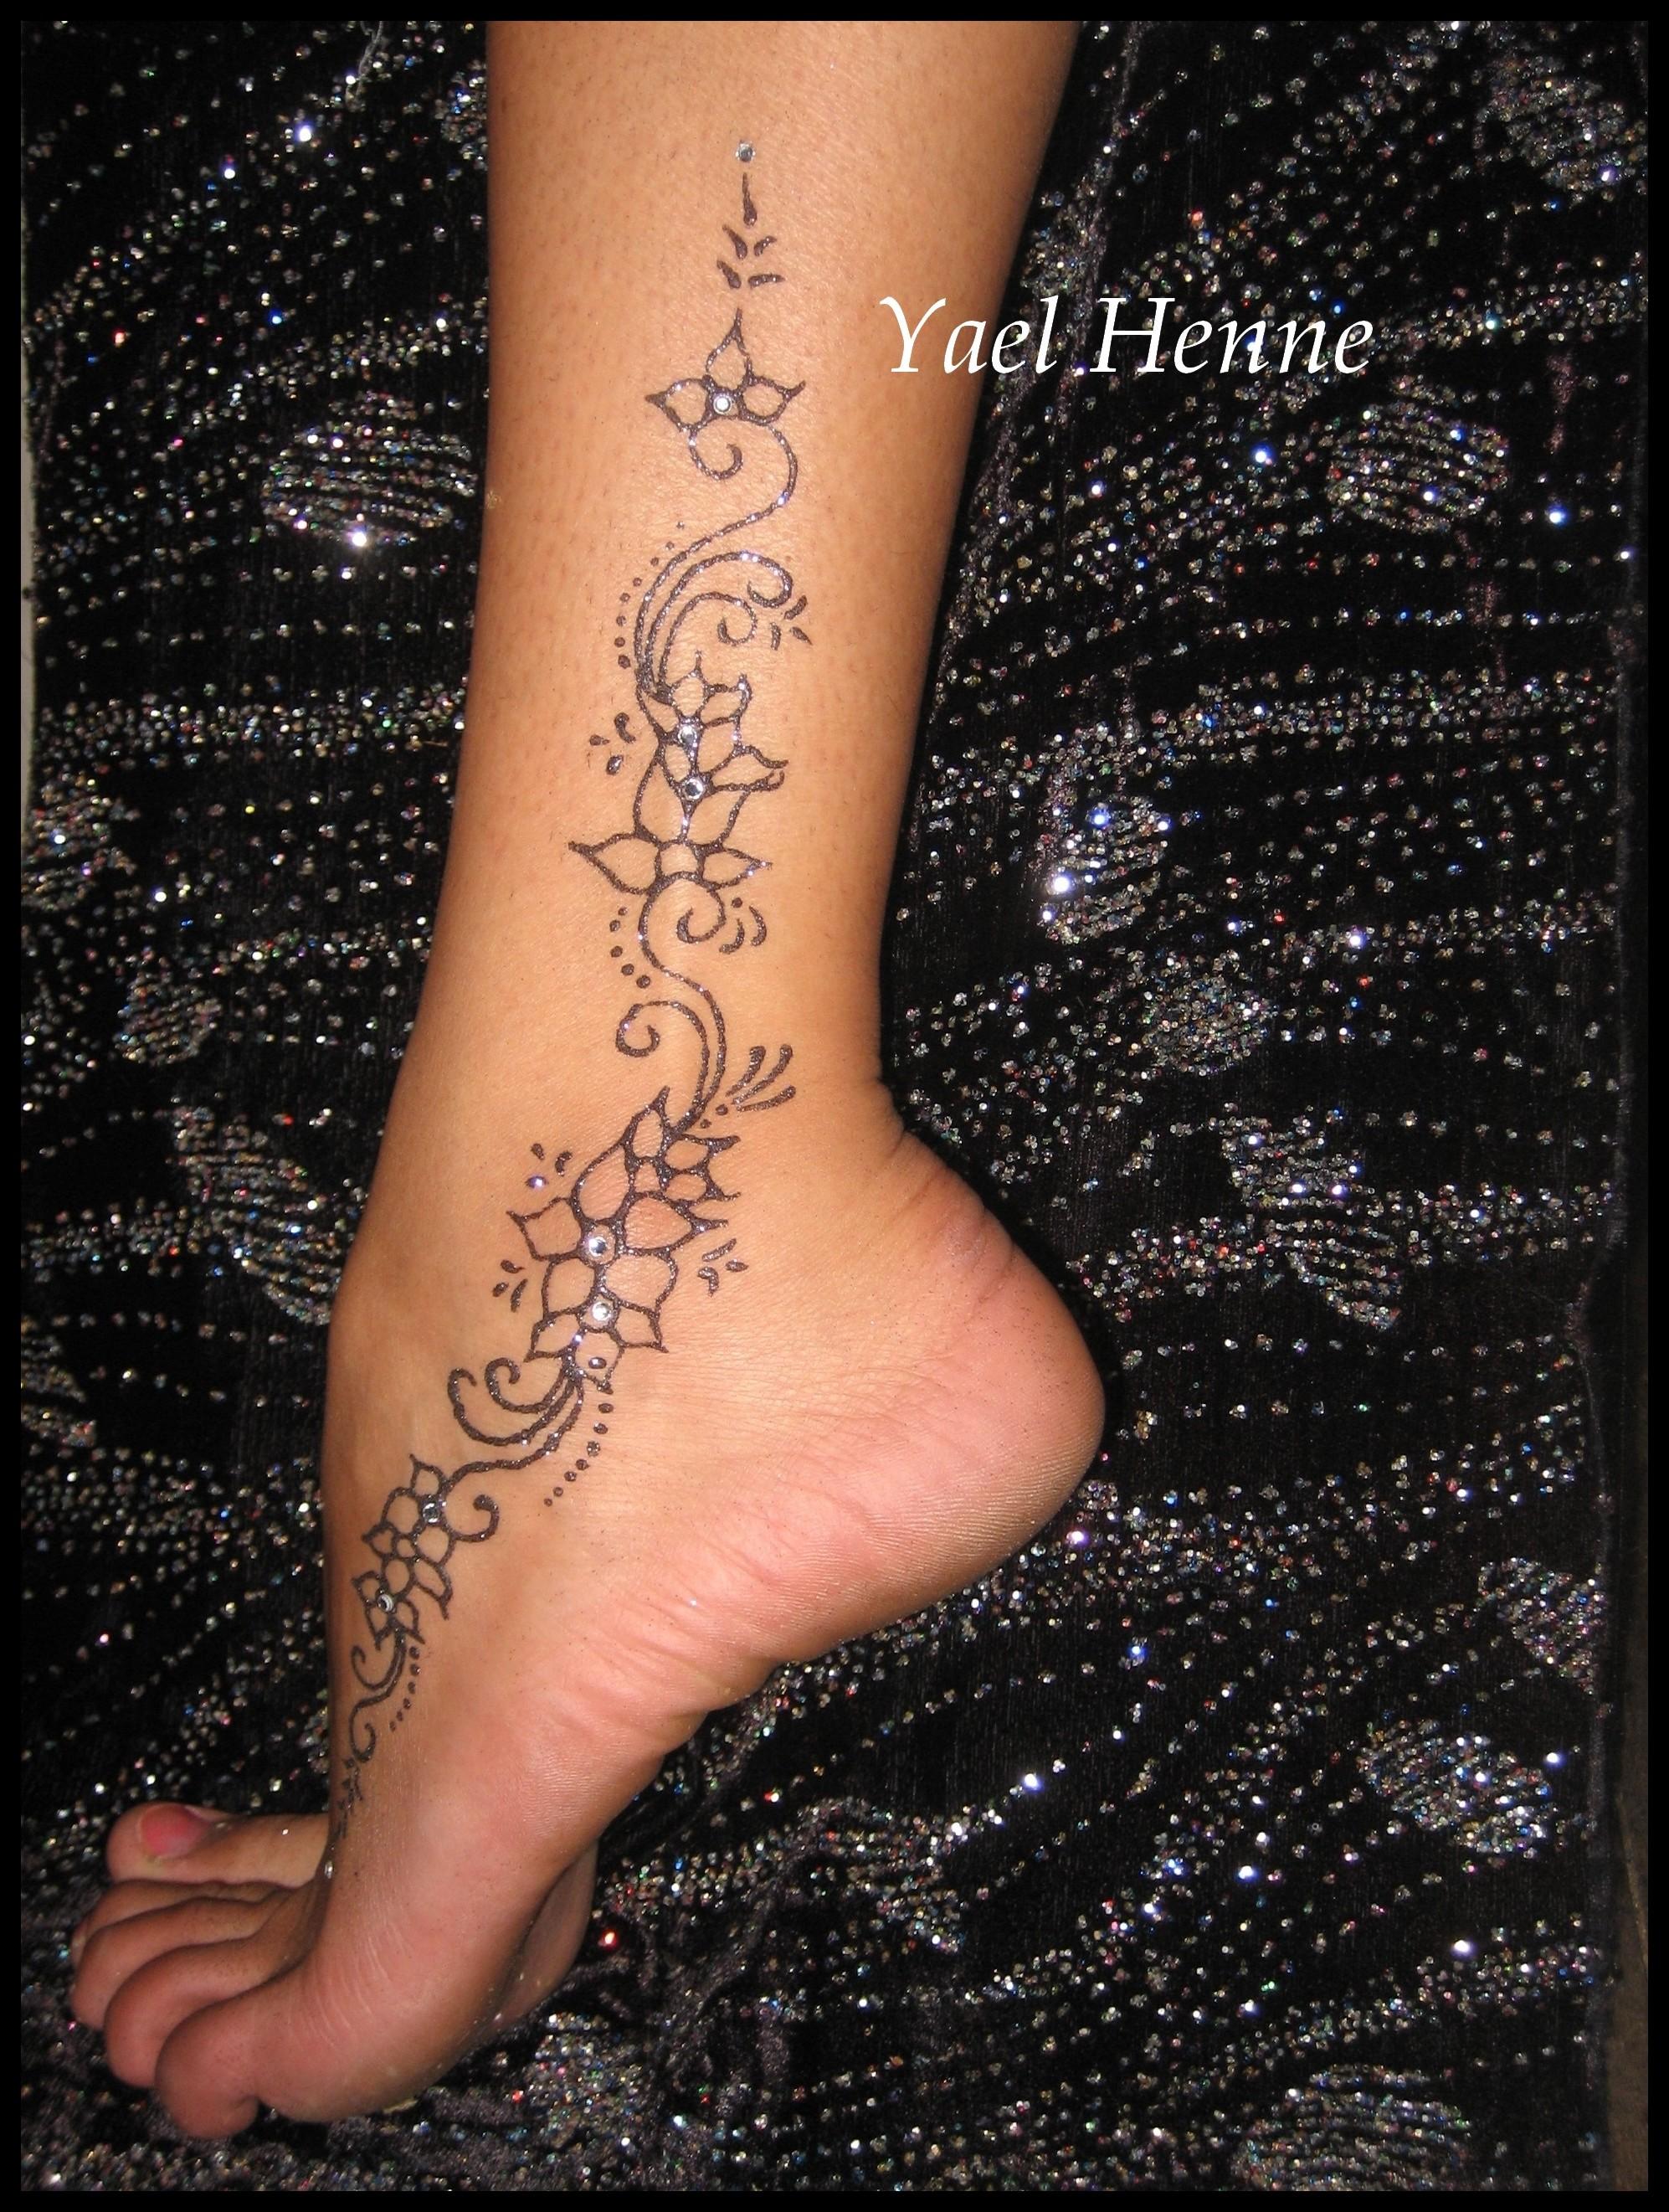 Les jolis tatouages ph m res de yael paris henn paillettes et jagua - Tatouage dos femme discret ...